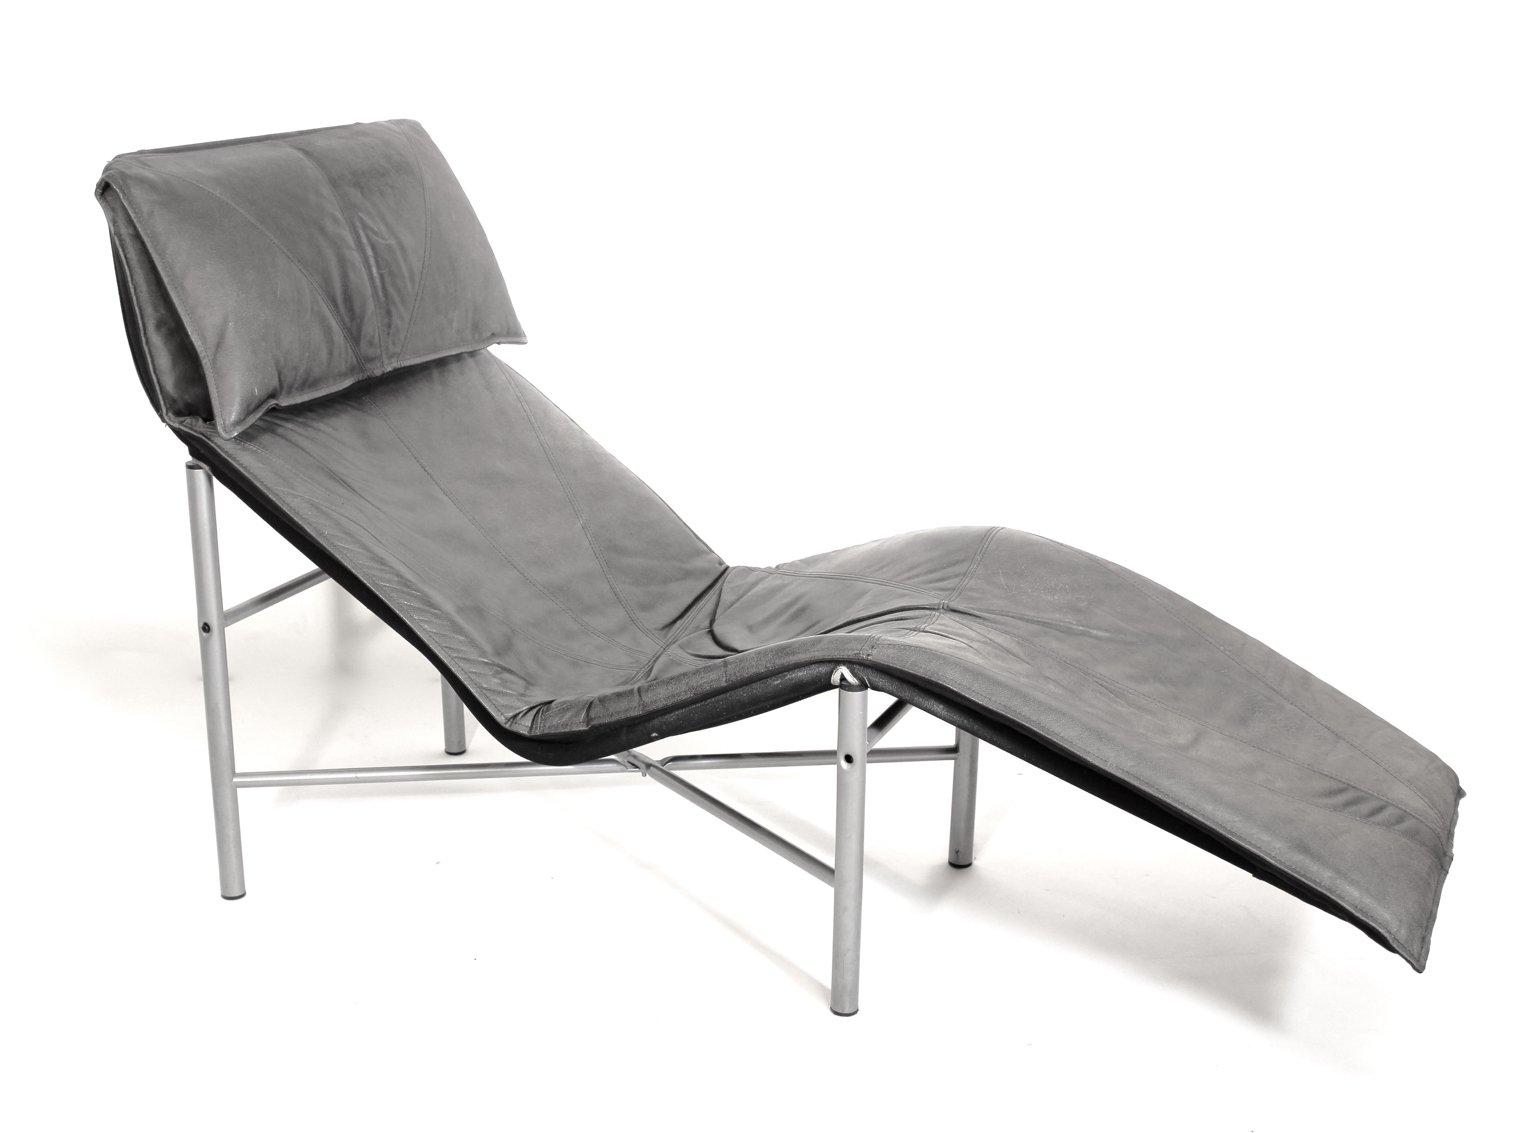 chaise longue en cuir par tord bjorklund 1970s en vente sur pamono. Black Bedroom Furniture Sets. Home Design Ideas